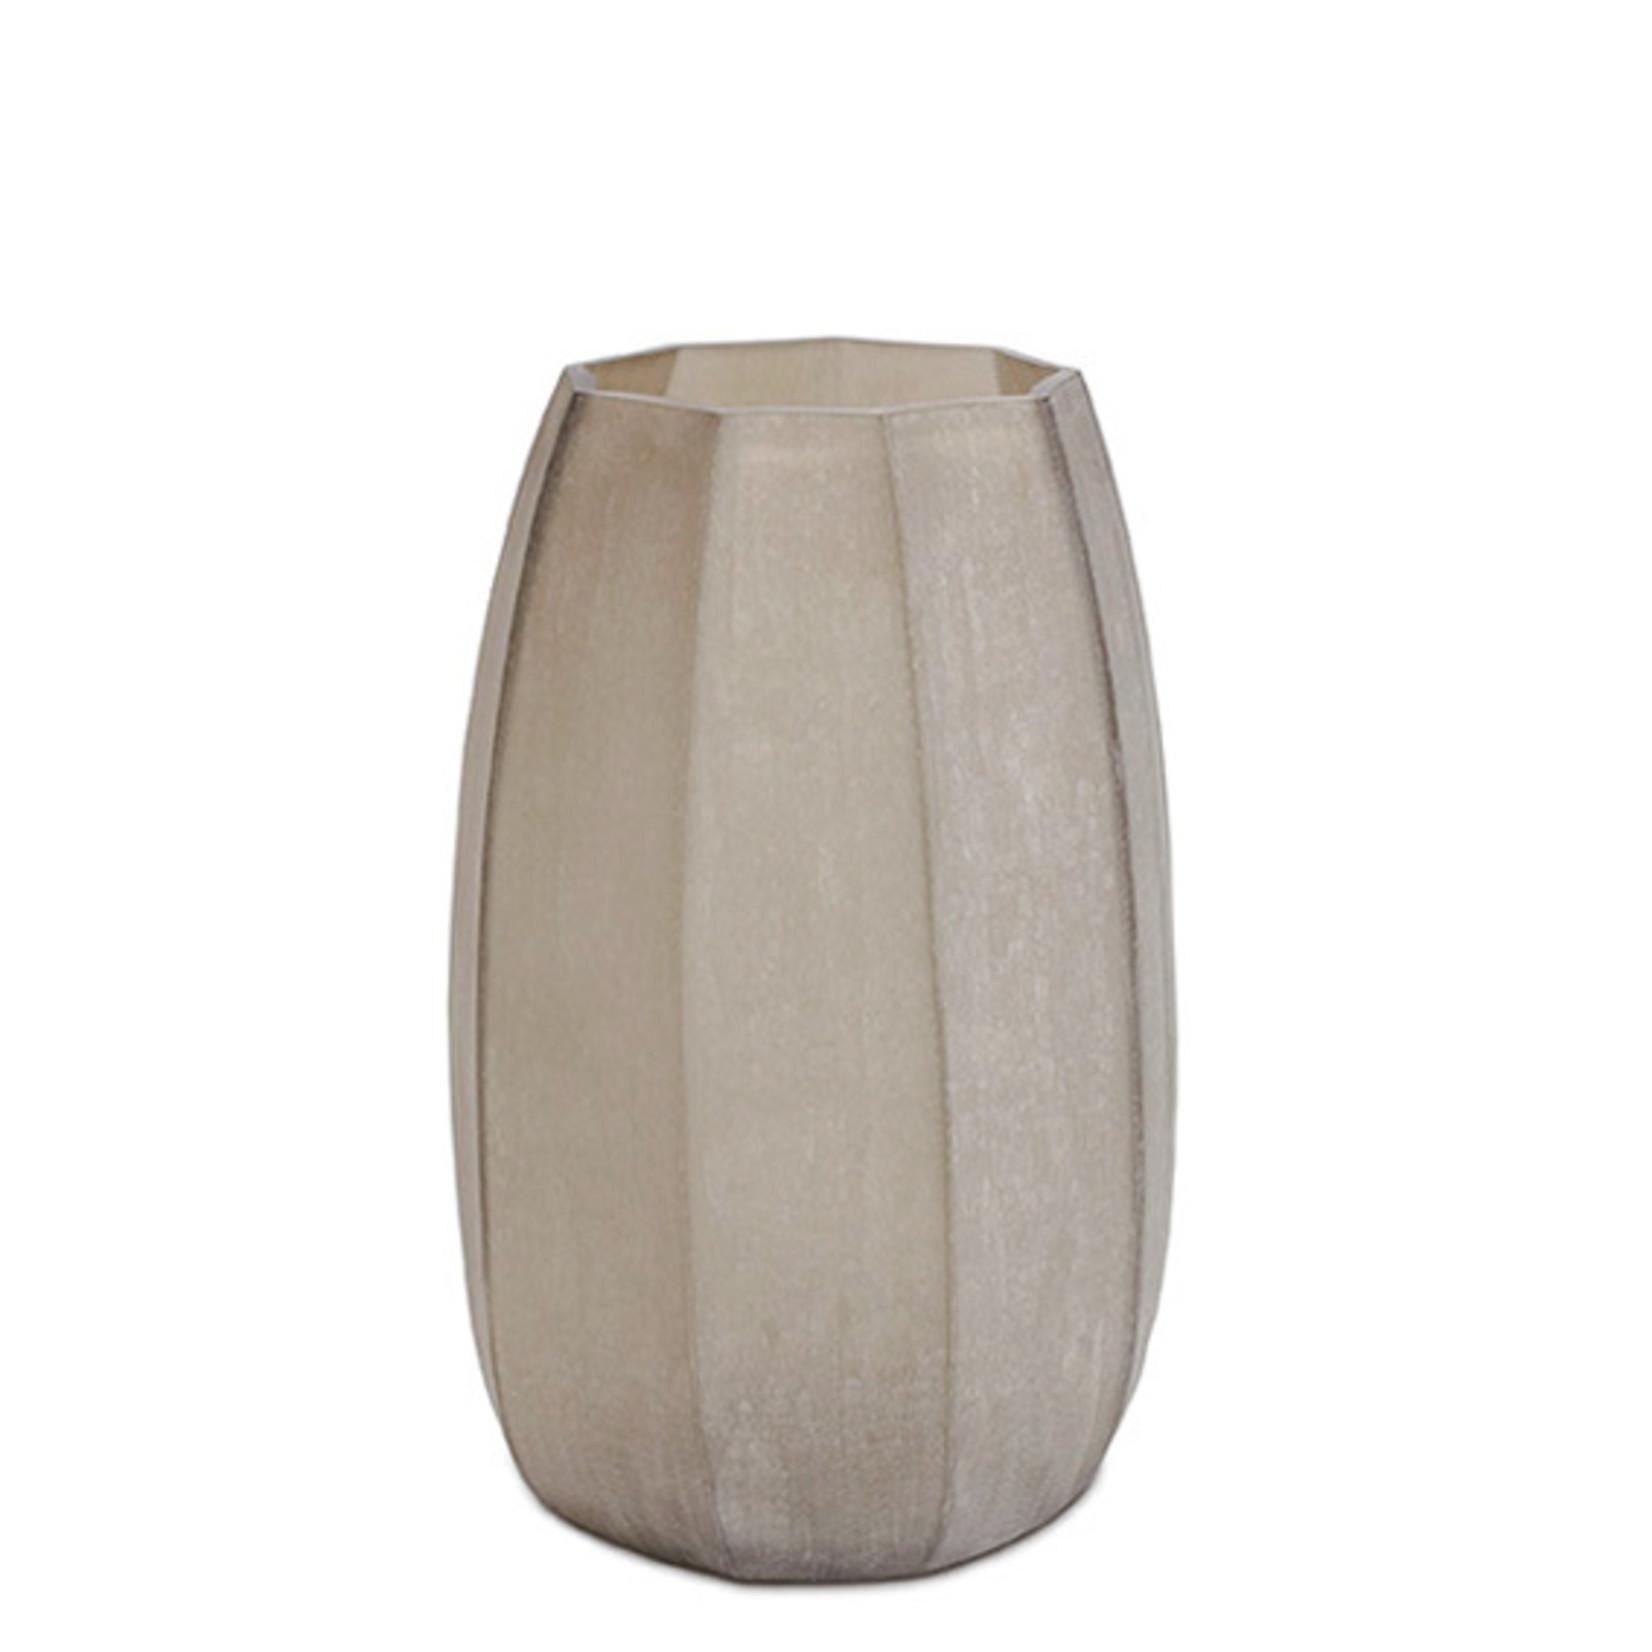 Guaxs Vase Koonam XL | smoke grey